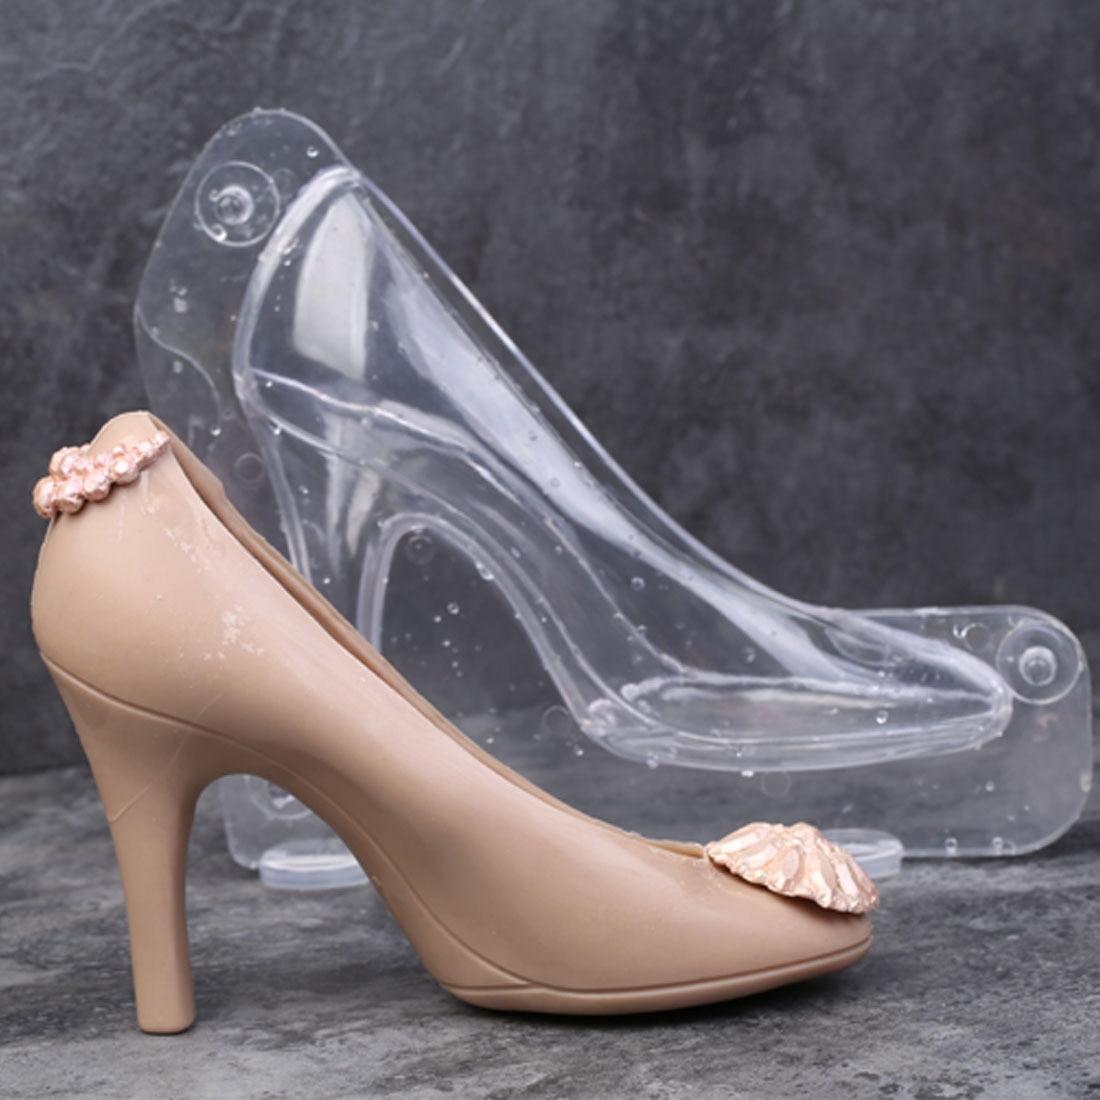 Deluxe 3D High Heel Mold